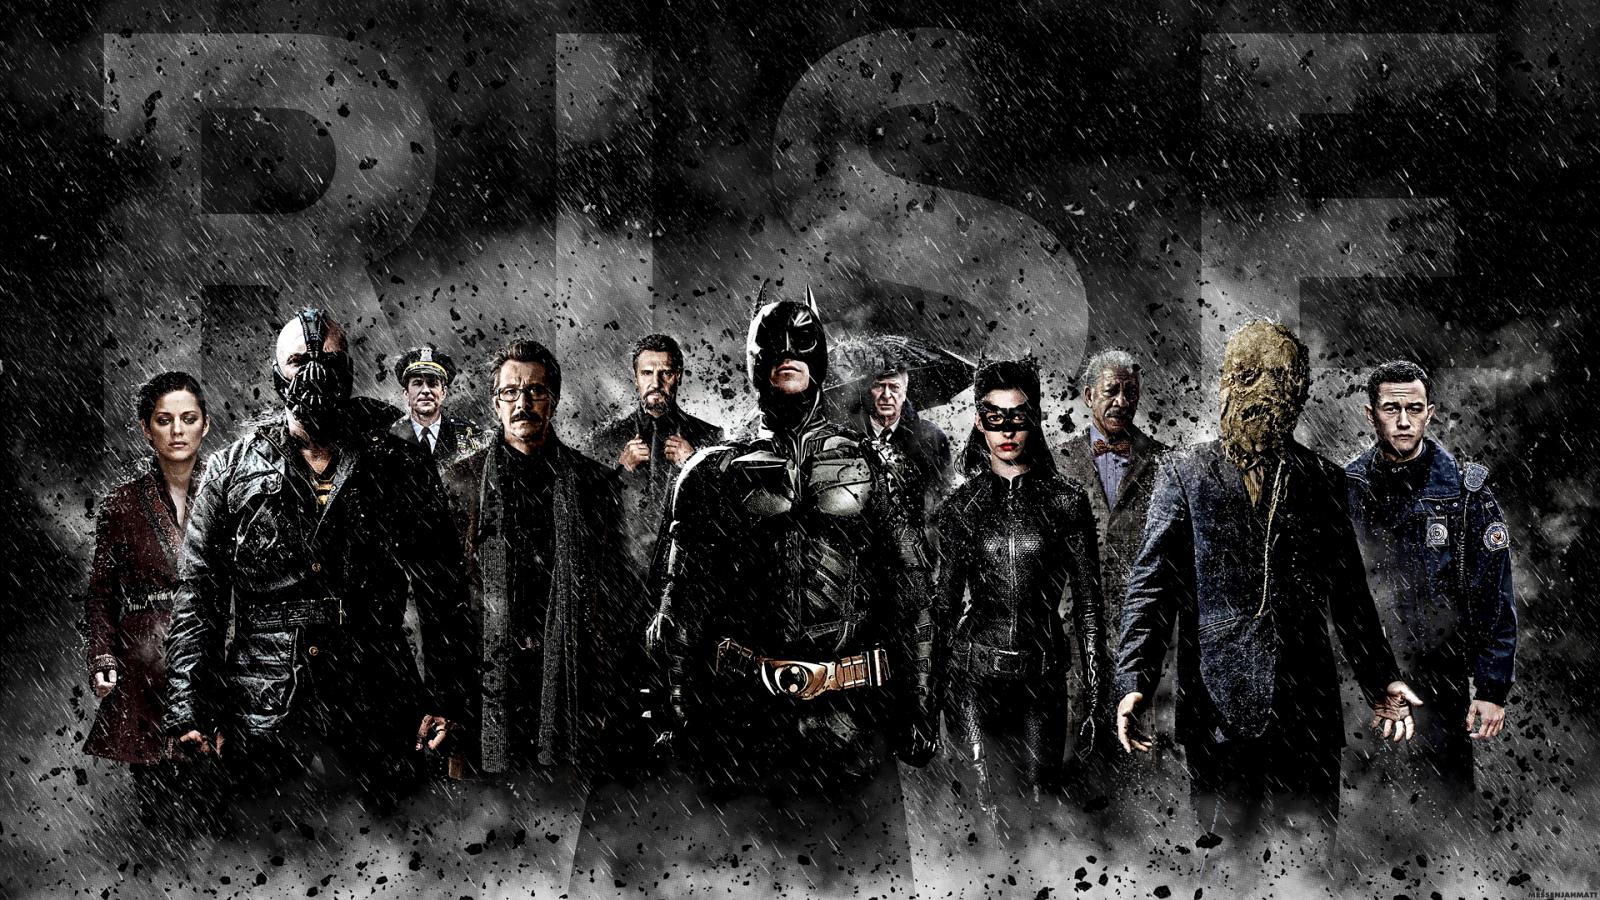 batman dark knight trilogy wallpapers - Batman Dark Knight Rises free wallpaper